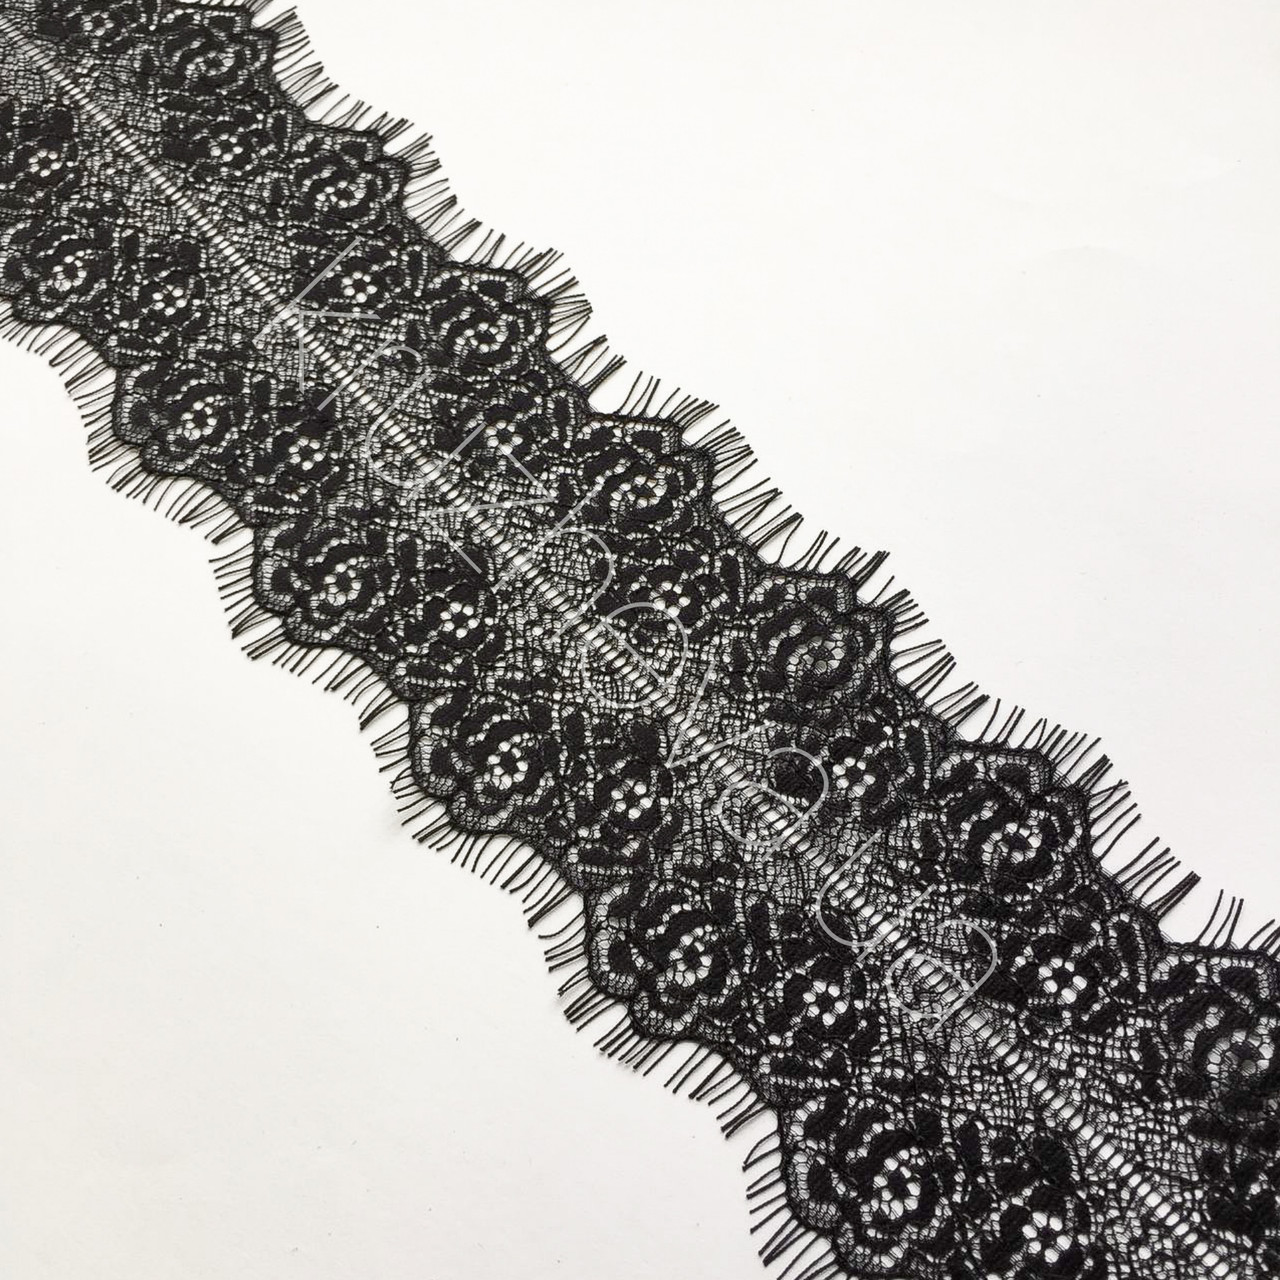 Ажурне французьке мереживо шантильї (з віями) чорного кольору шириною 7,5 см, довжина купона 3,0 м.